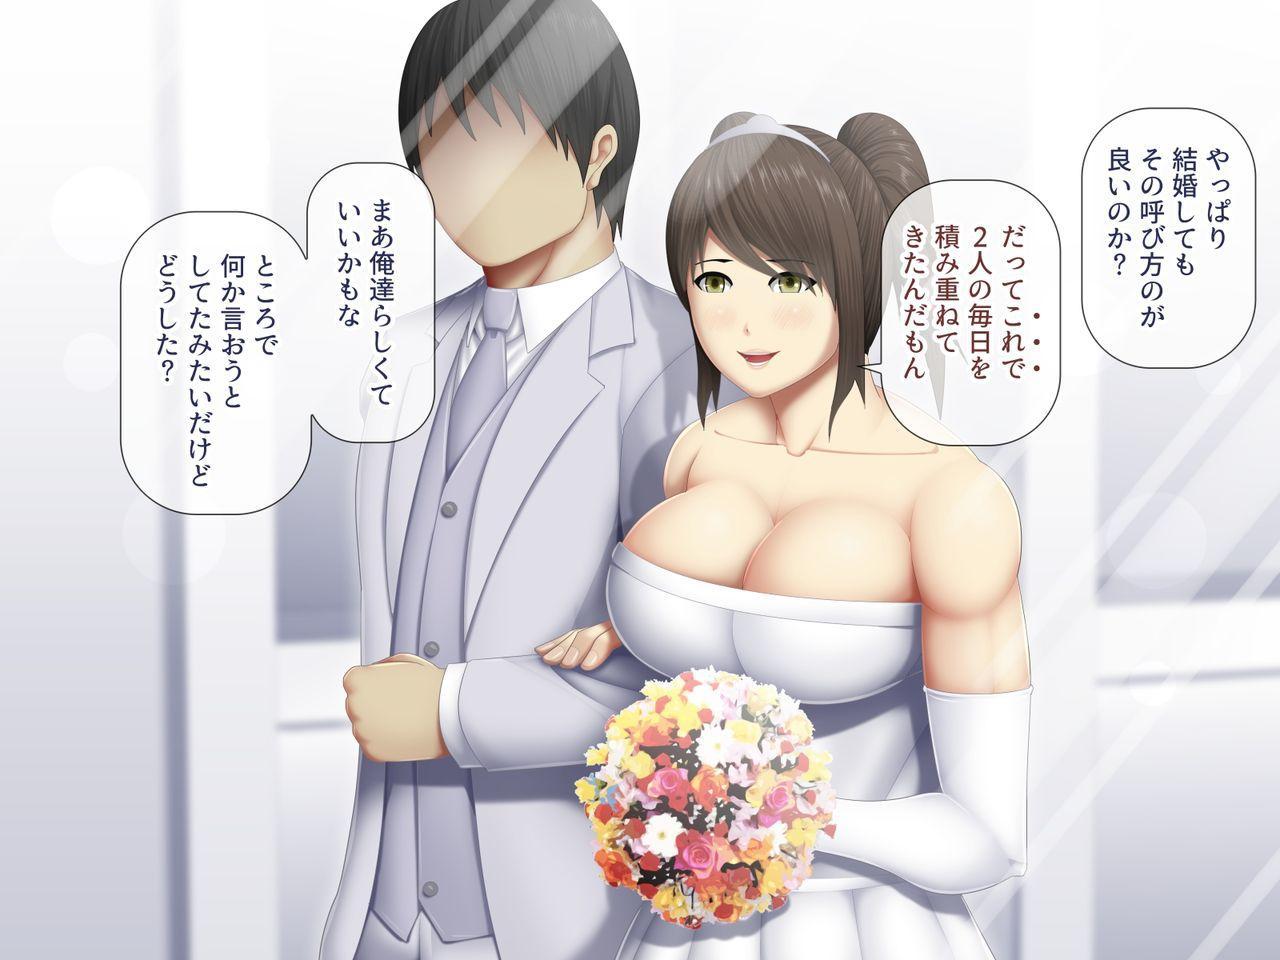 Uchiki na Jyumai ga Ore no Tame ni Karada o Kitaeta Kekka 105